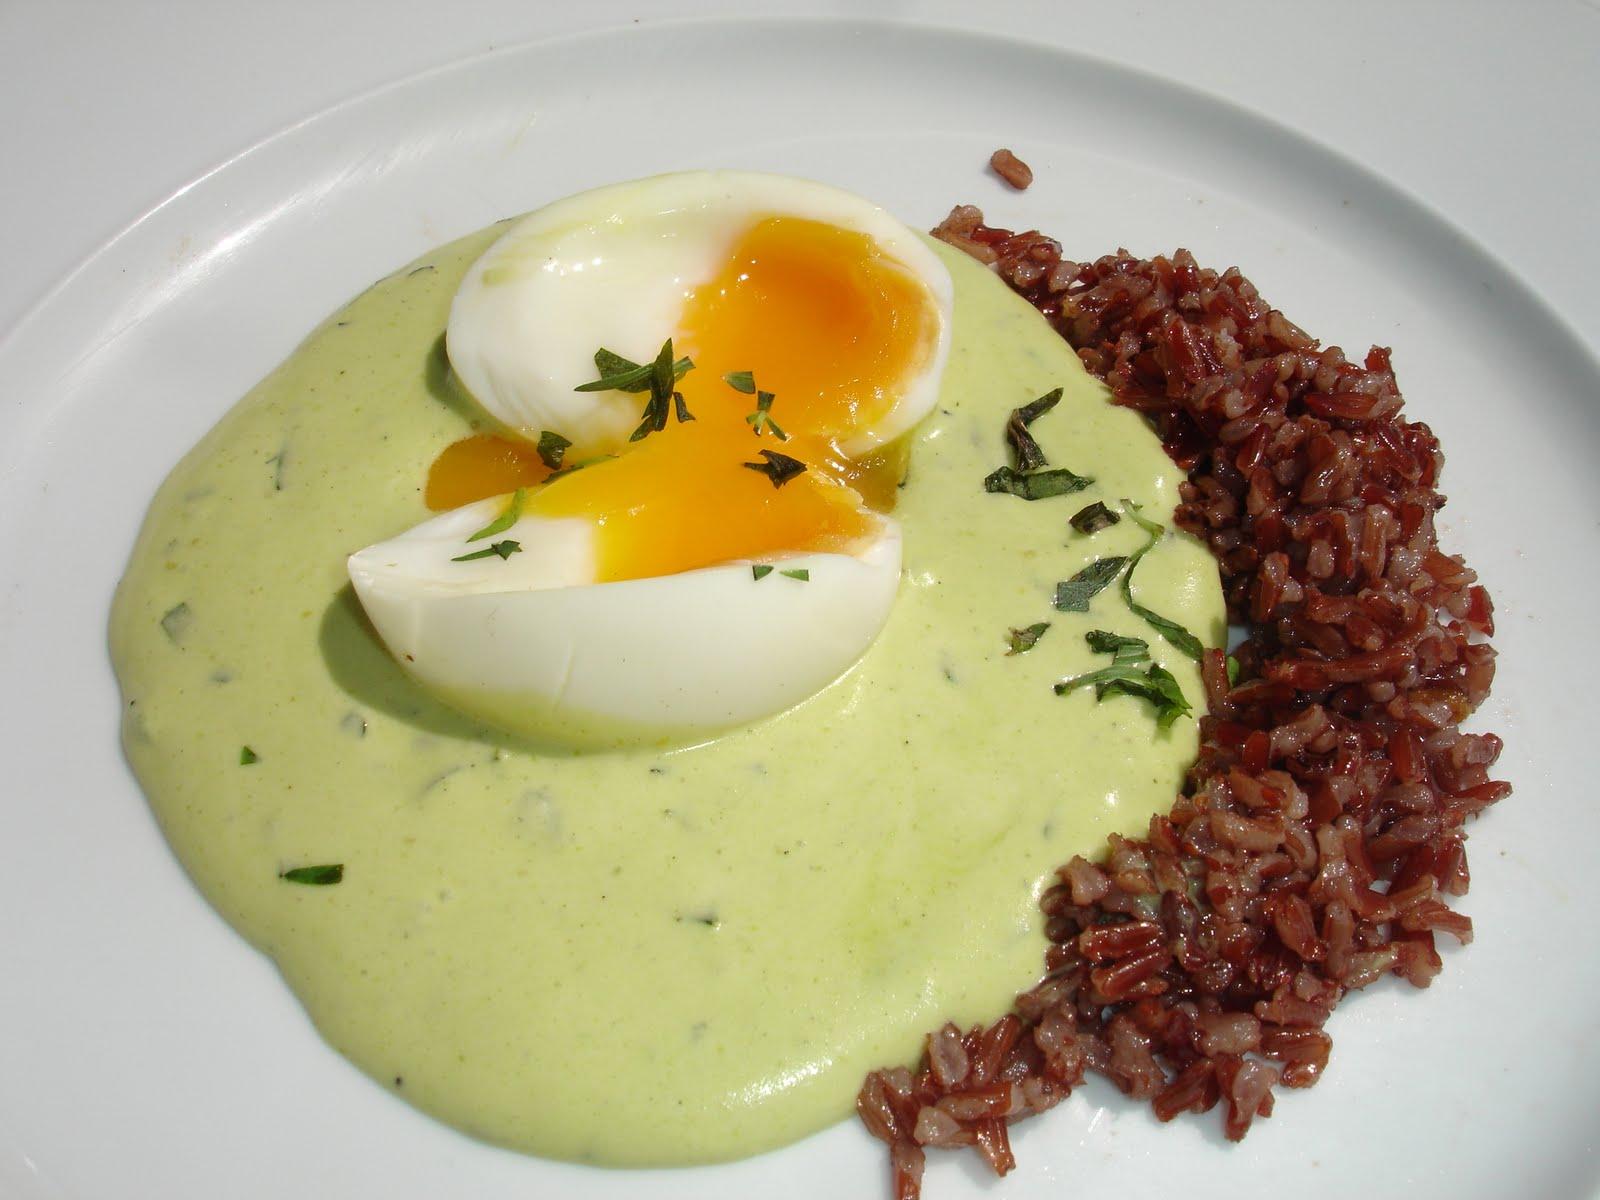 Kochbuch f r max und moritz fastenzeit pochierte eier - Eier platzen beim kochen ...